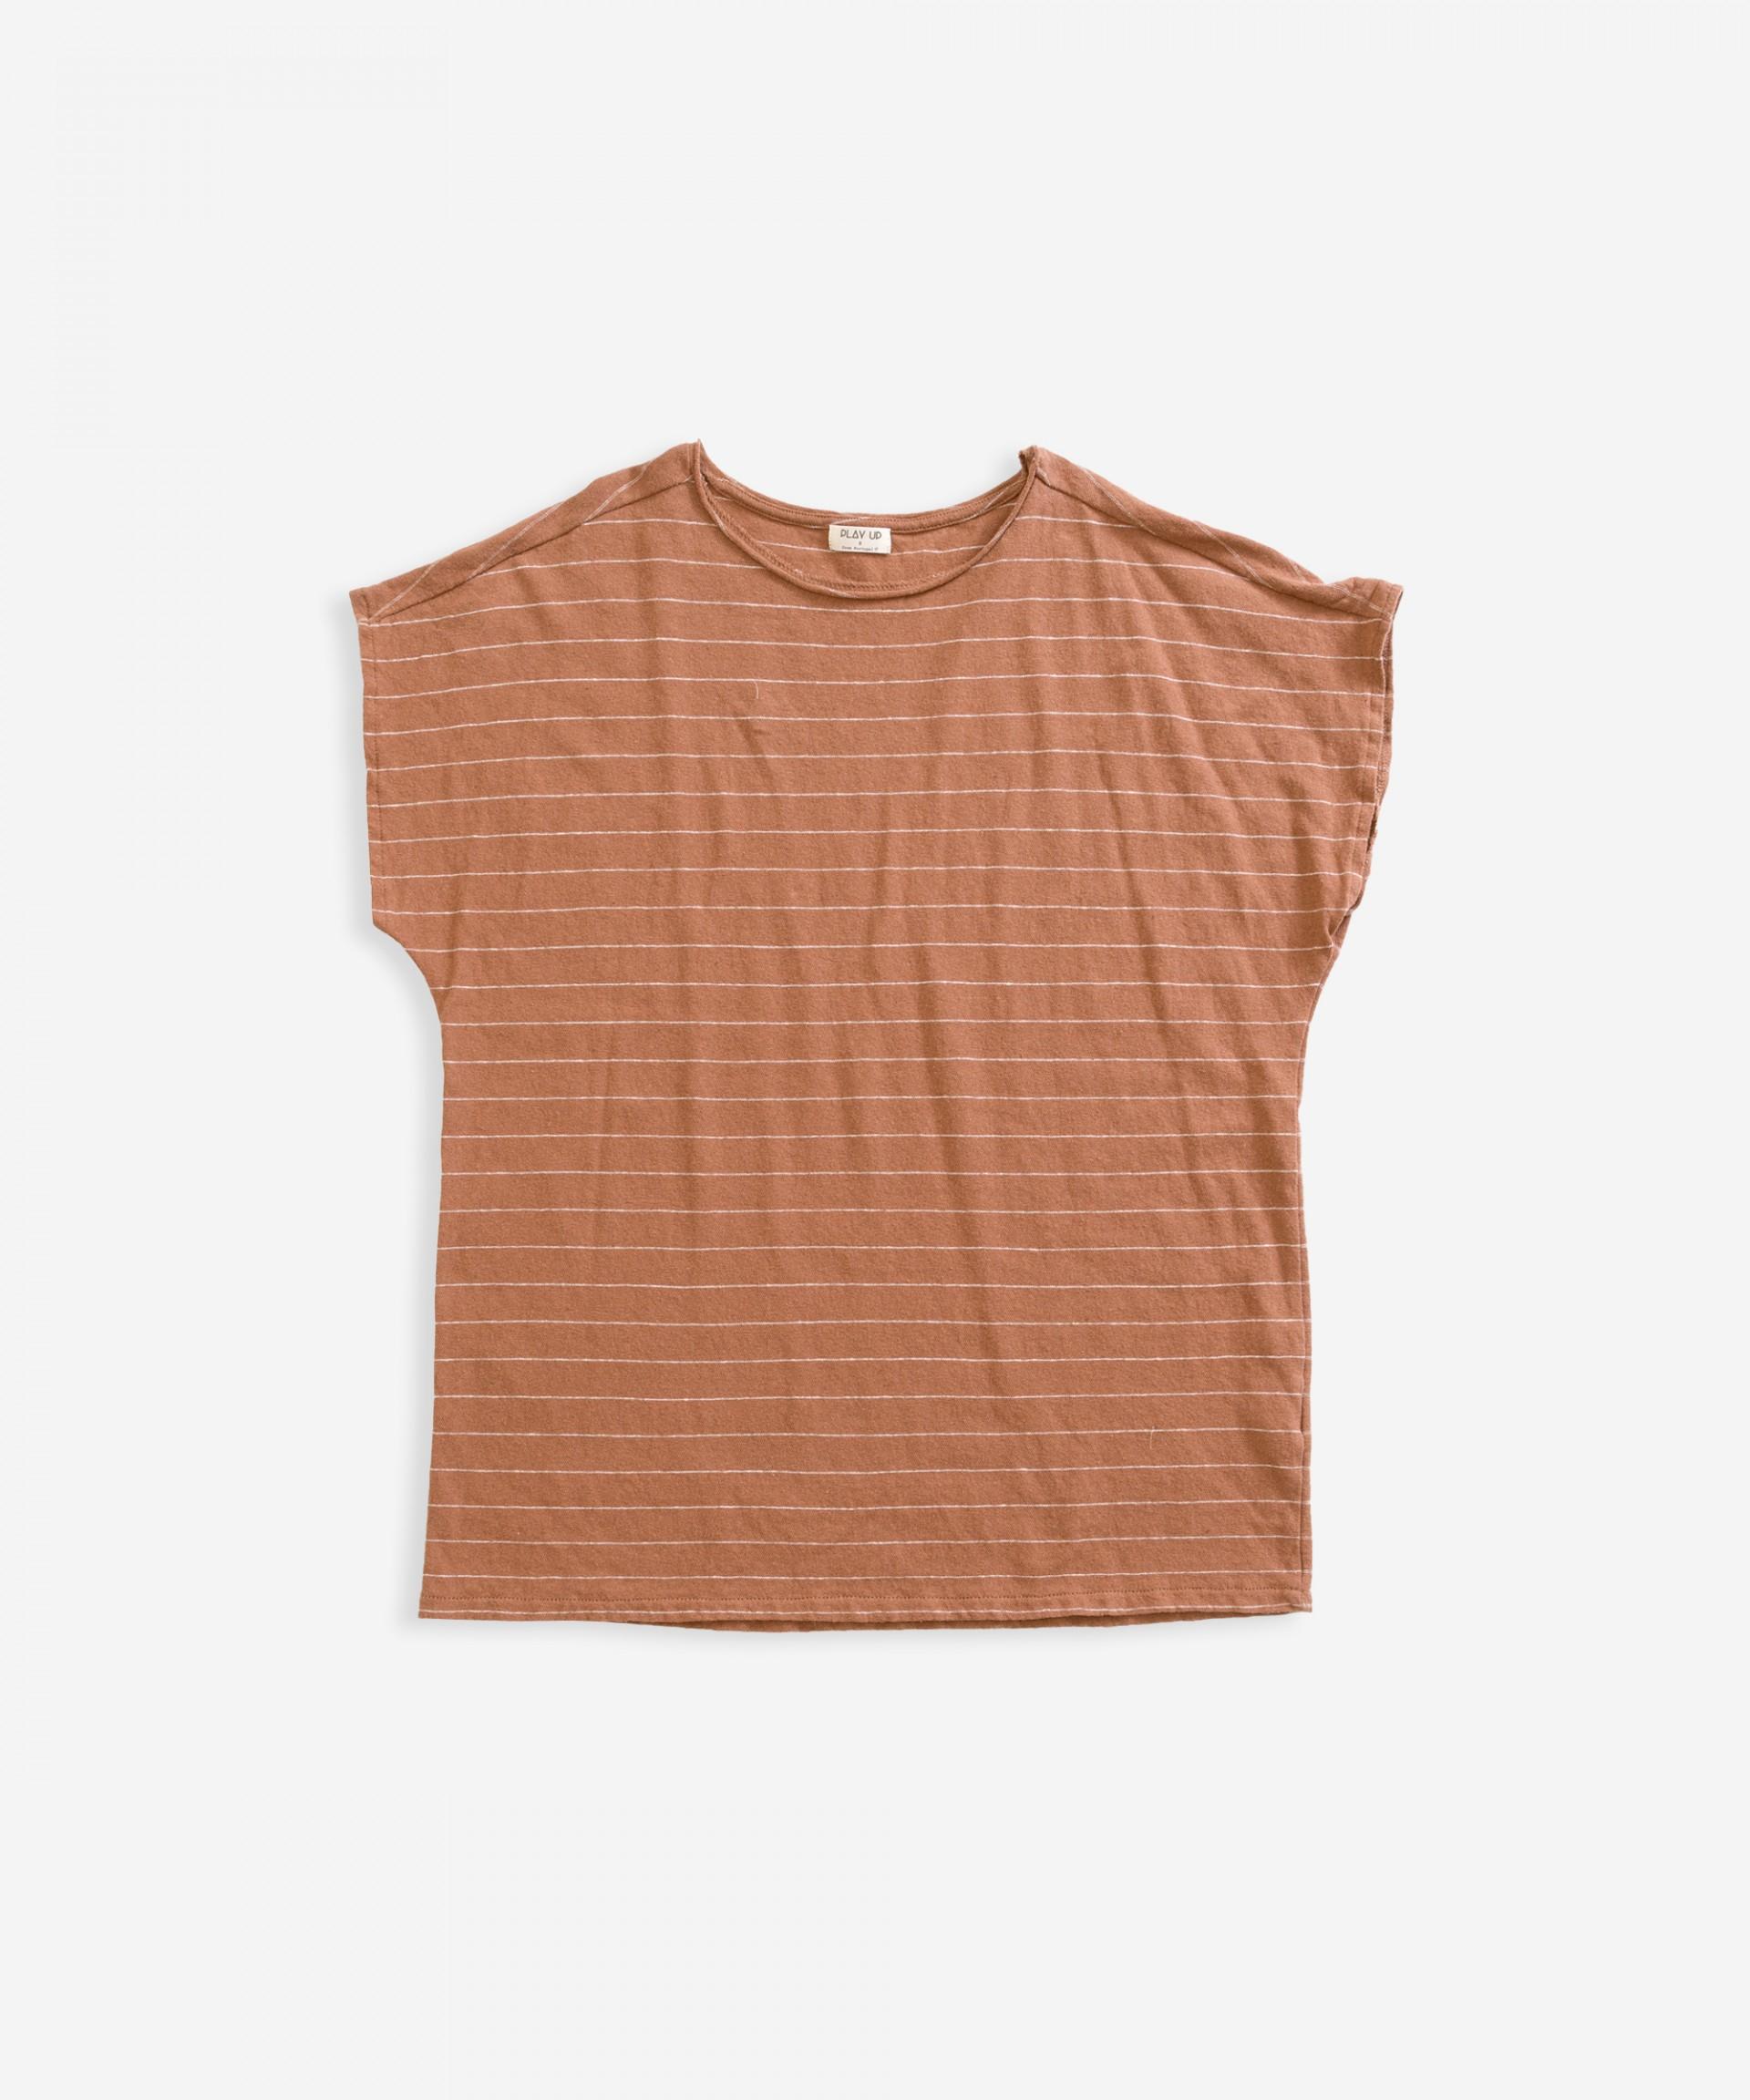 T-shirt em algodão-linho | Weaving